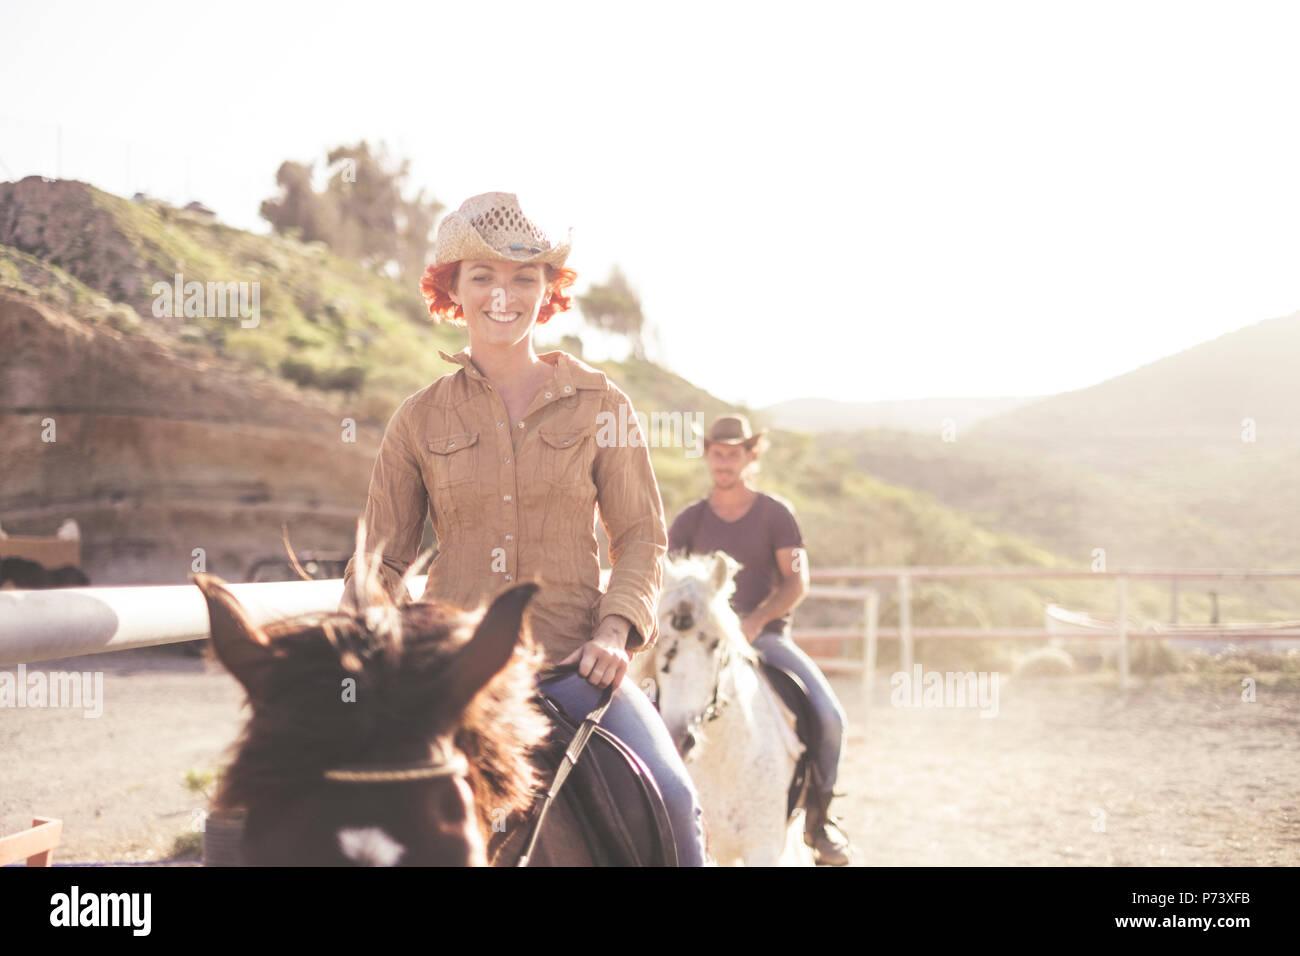 Joli couple amis jeunes ride beaux chevaux dans une école de plein air. sun rétroéclairage pour image lumineuse dans des lieux chaleureux. filtre wi Photo Stock